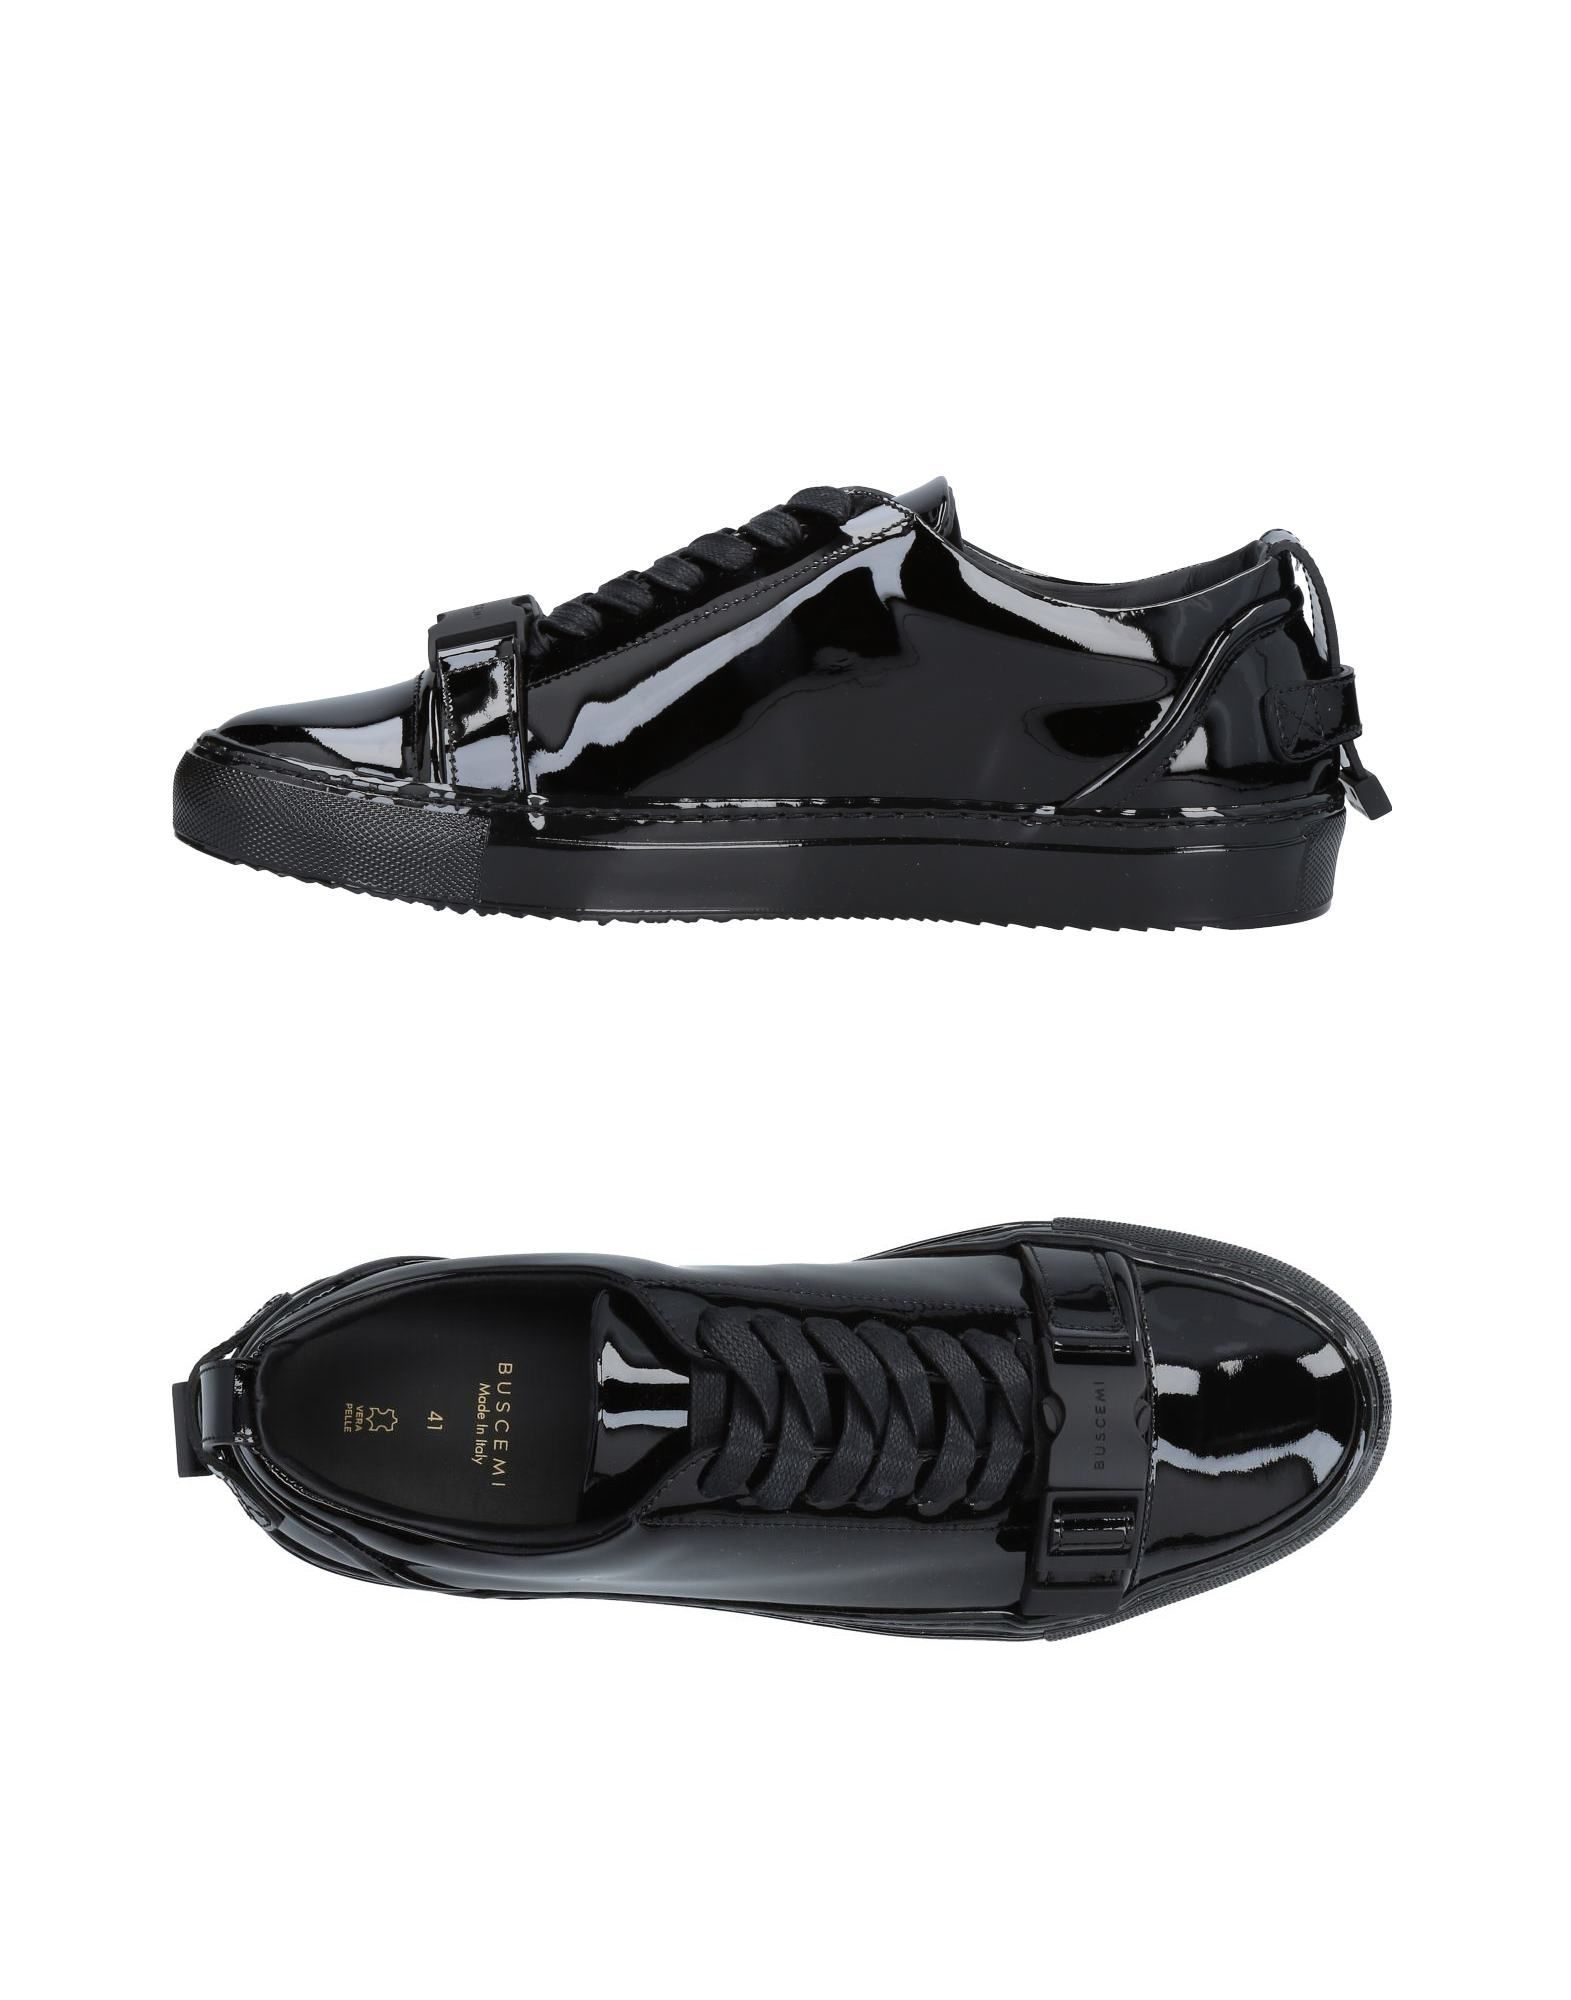 《送料無料》BUSCEMI メンズ スニーカー&テニスシューズ(ローカット) ブラック 38 革